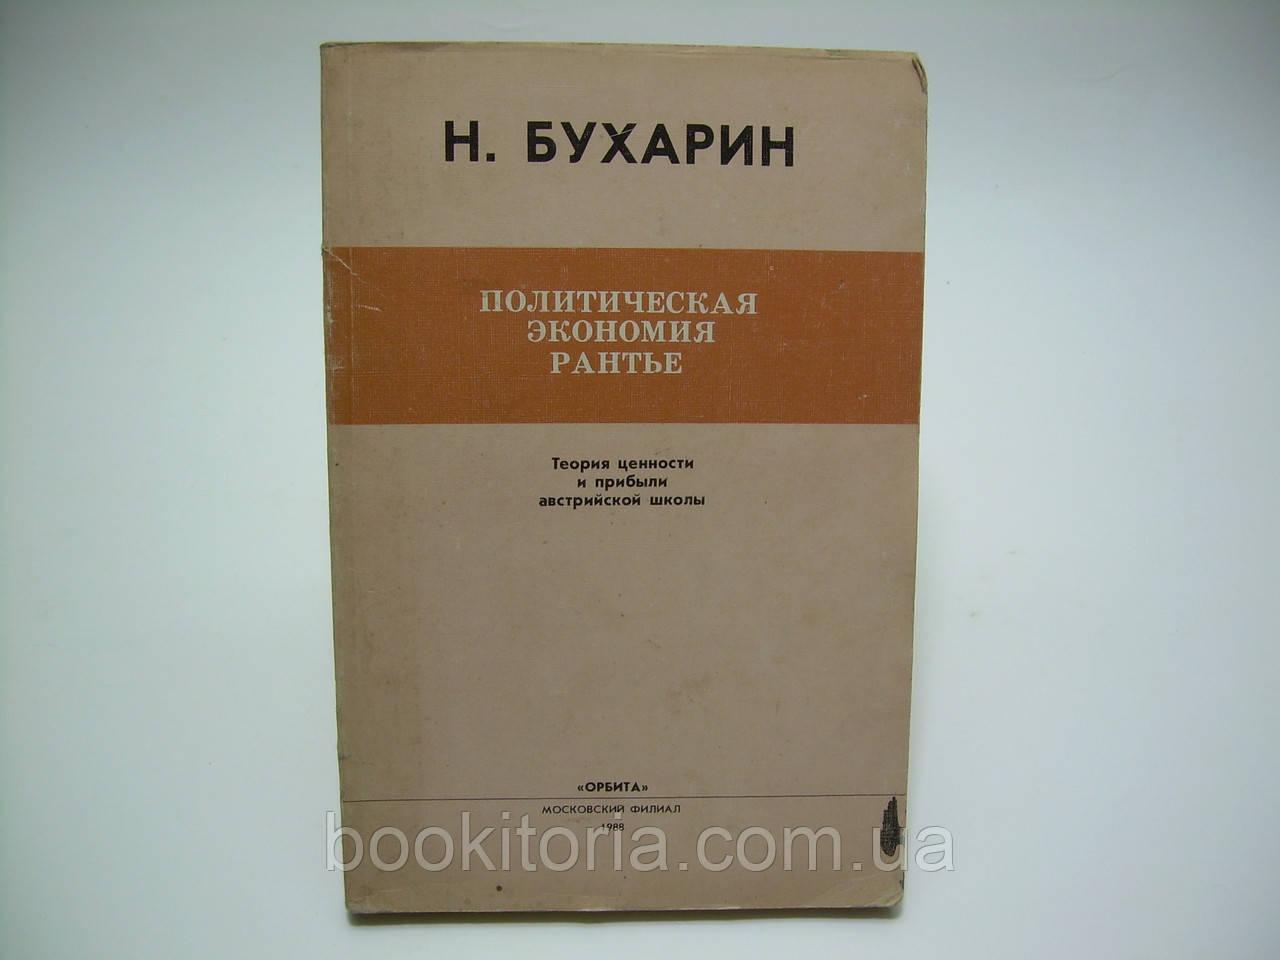 Бухарин Н. Политическая экономия рантье (б/у).